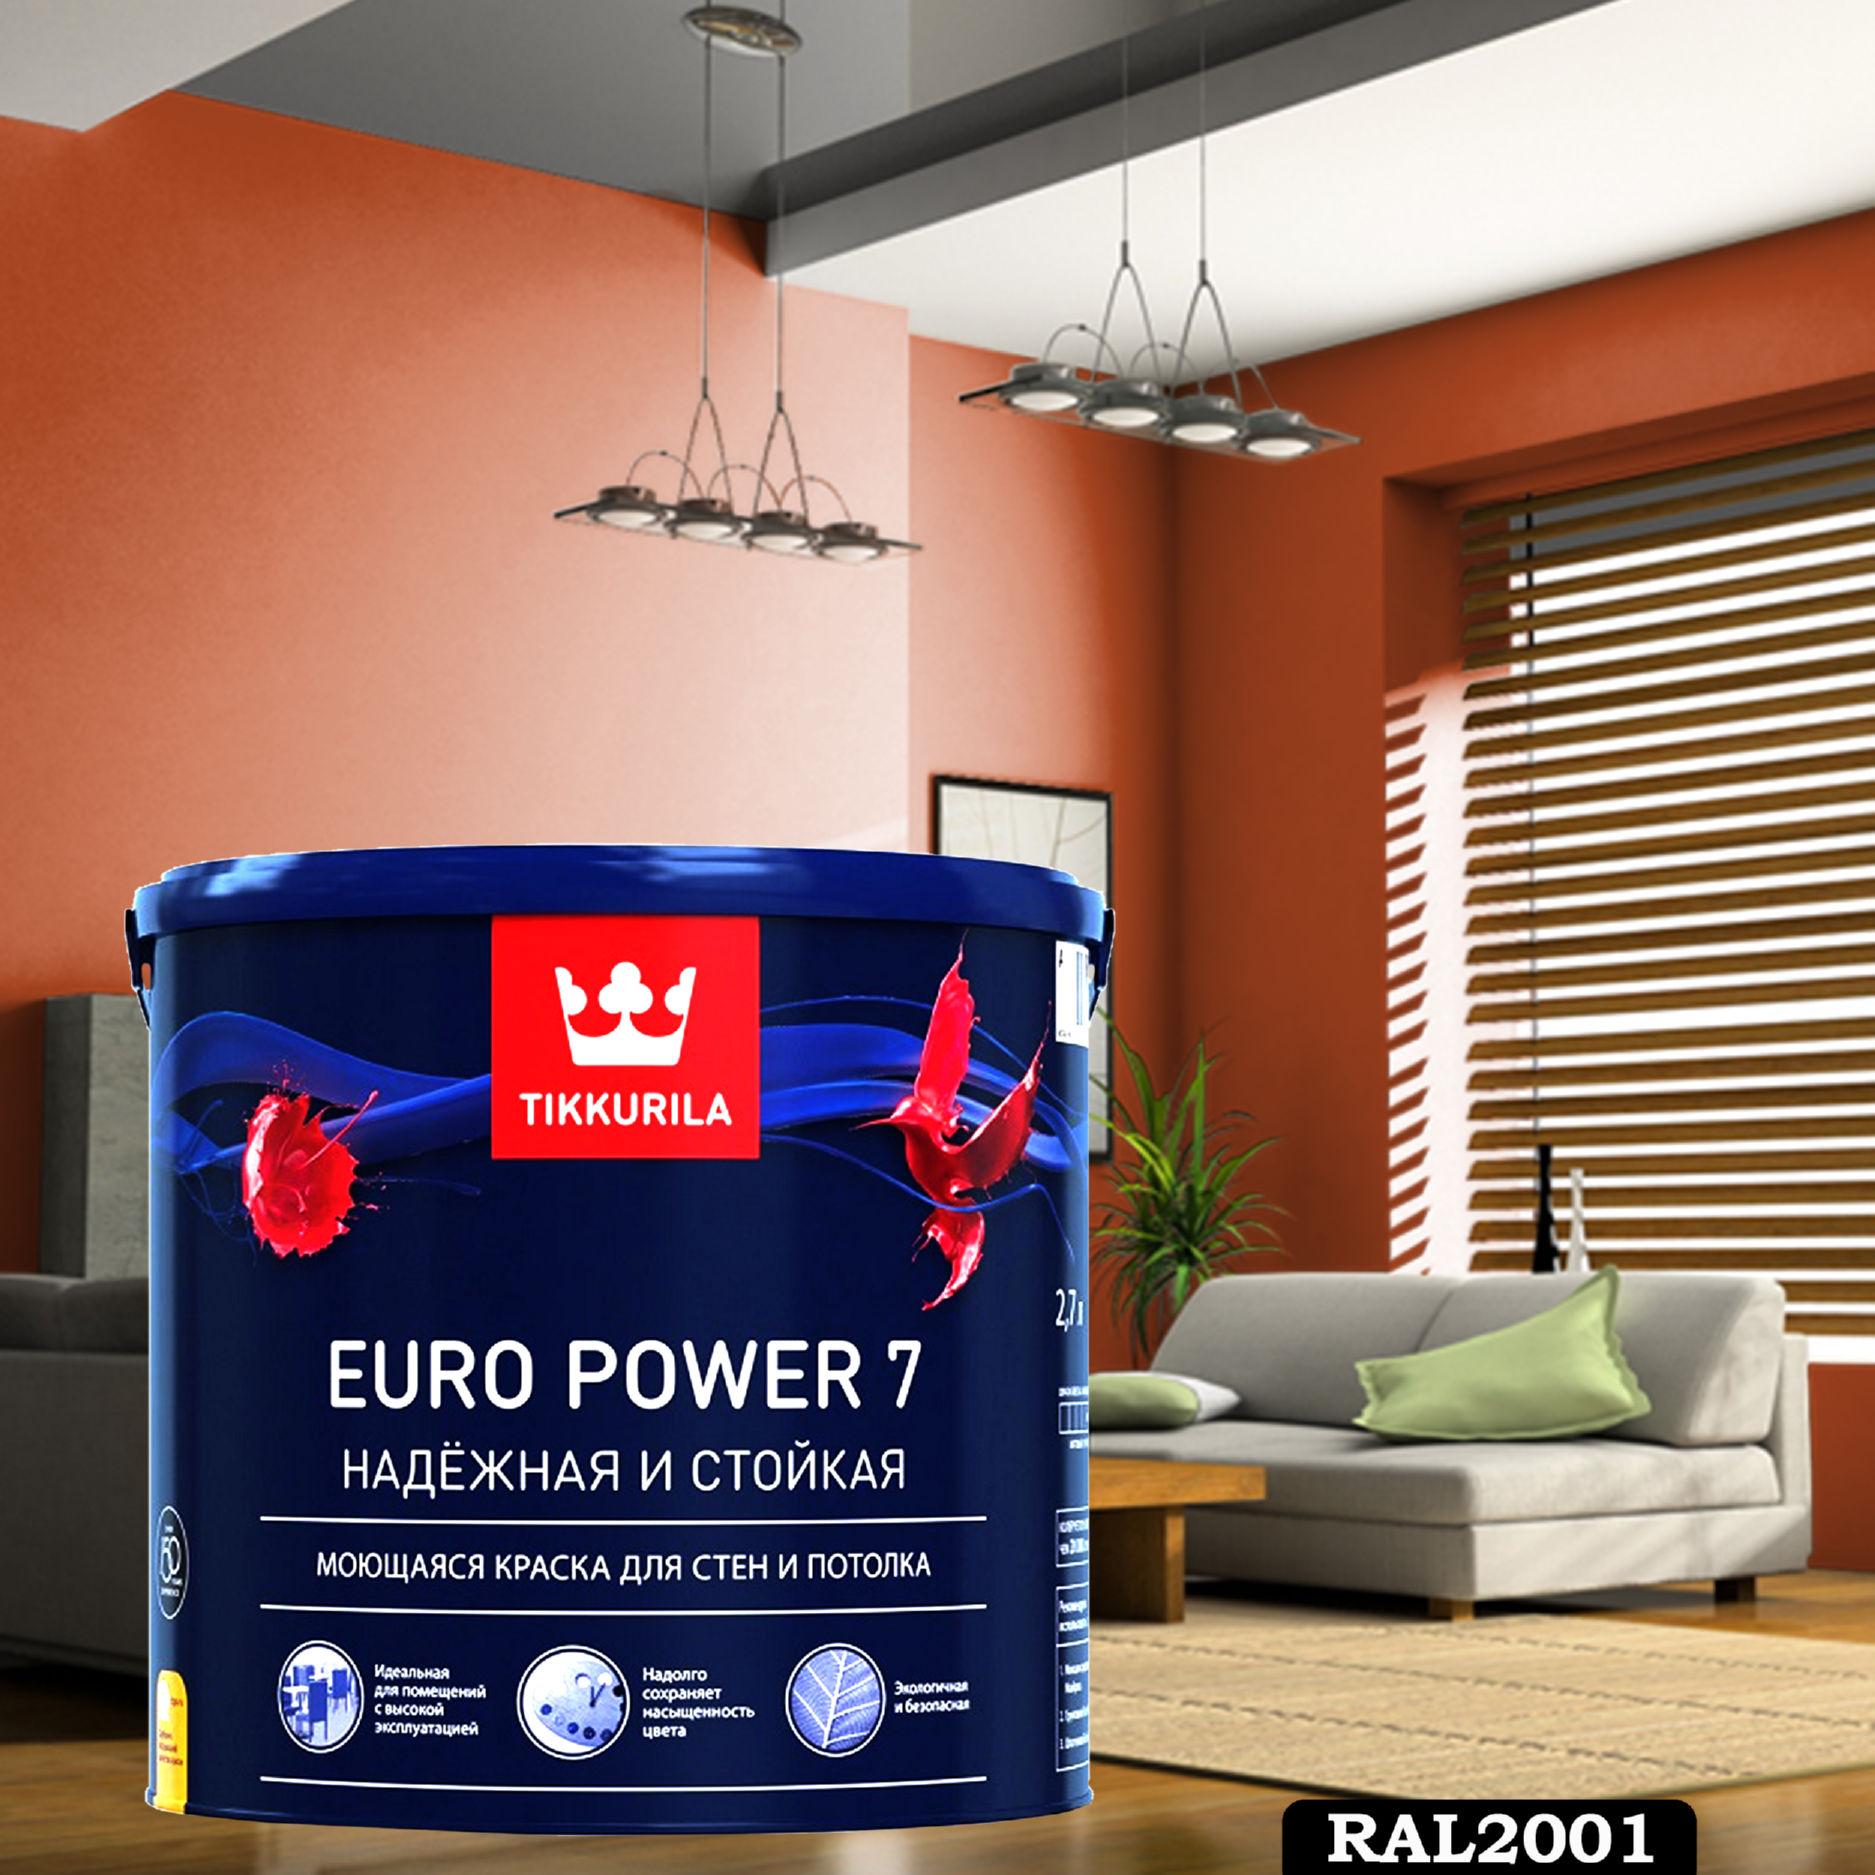 Фото 2 - Краска TIKKURILA Euro Power 7,  RAL 2001 Красно-оранжевый, латексная моющаяся матовая интерьерная, 9 л.